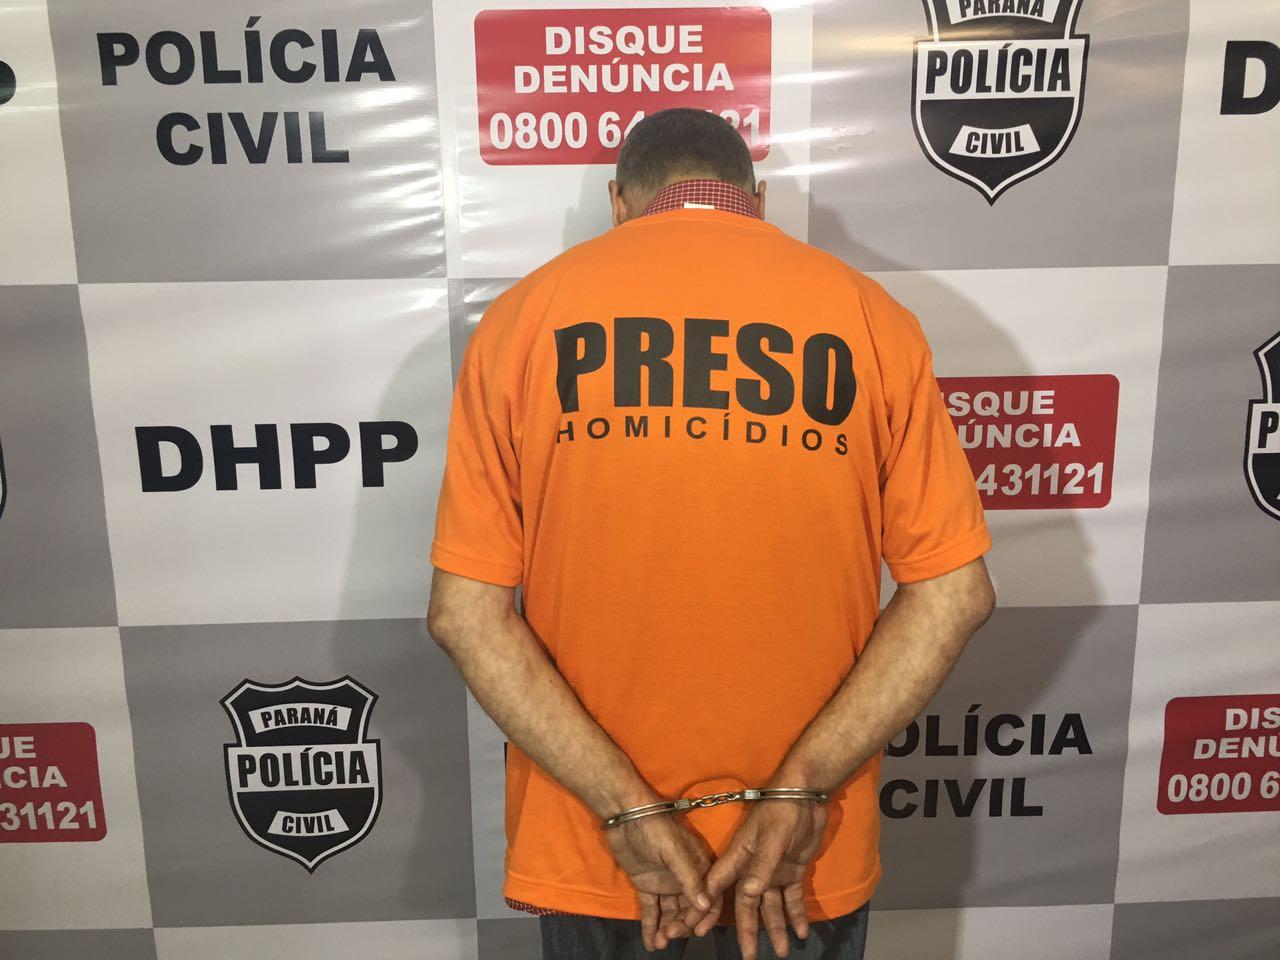 Foto: Polícia Civil do Paraná